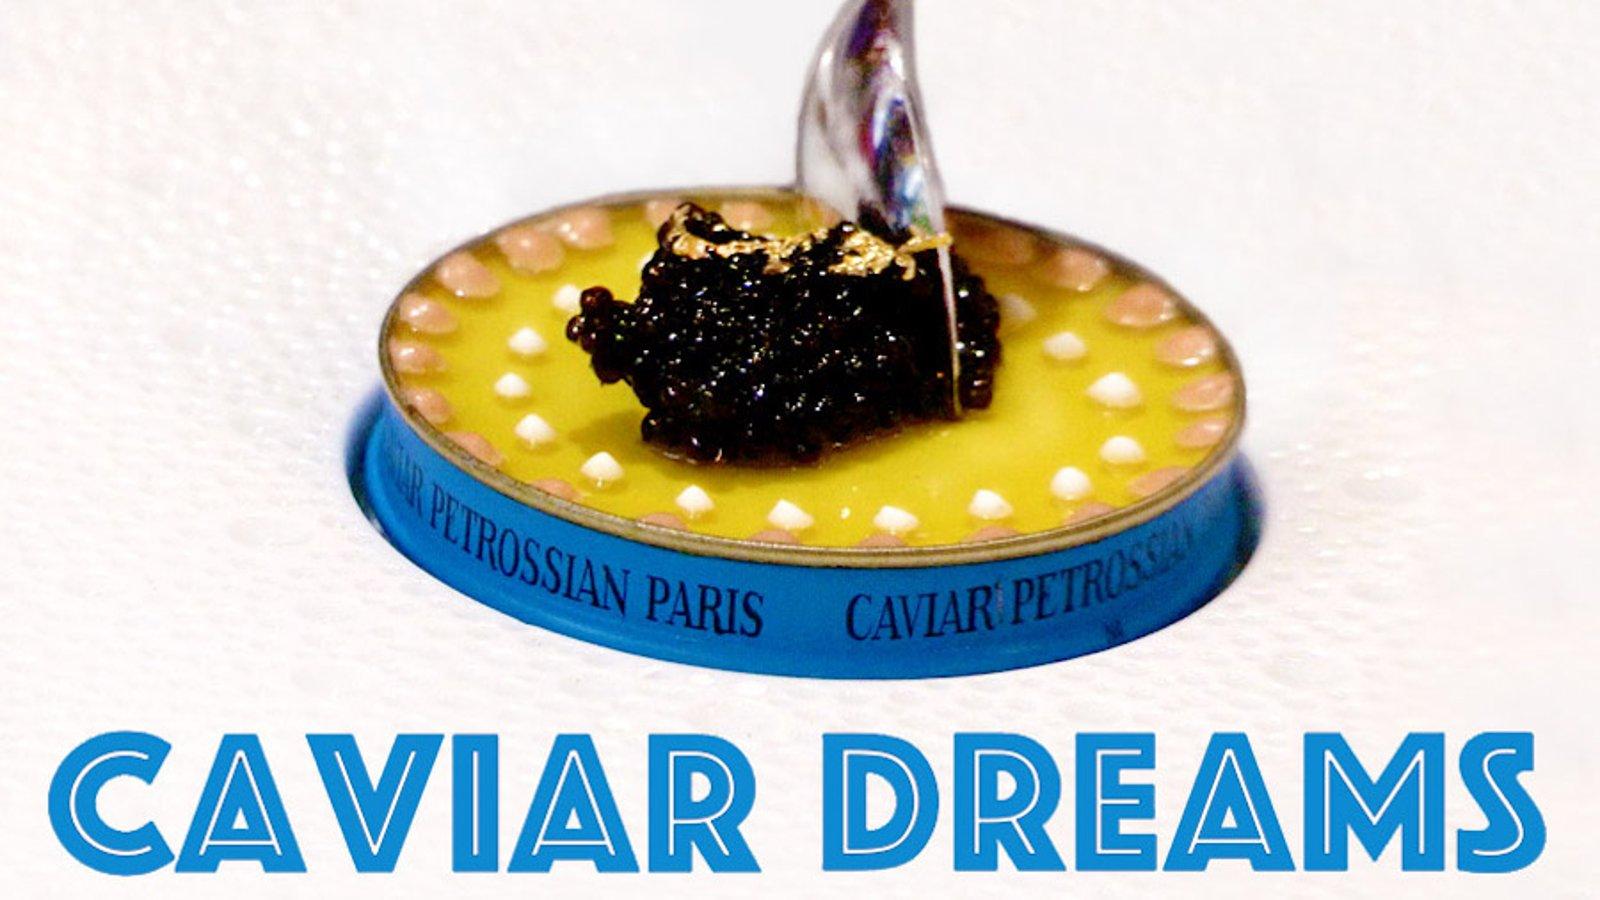 Caviar Dreams - How Caviar Became a Delicacy